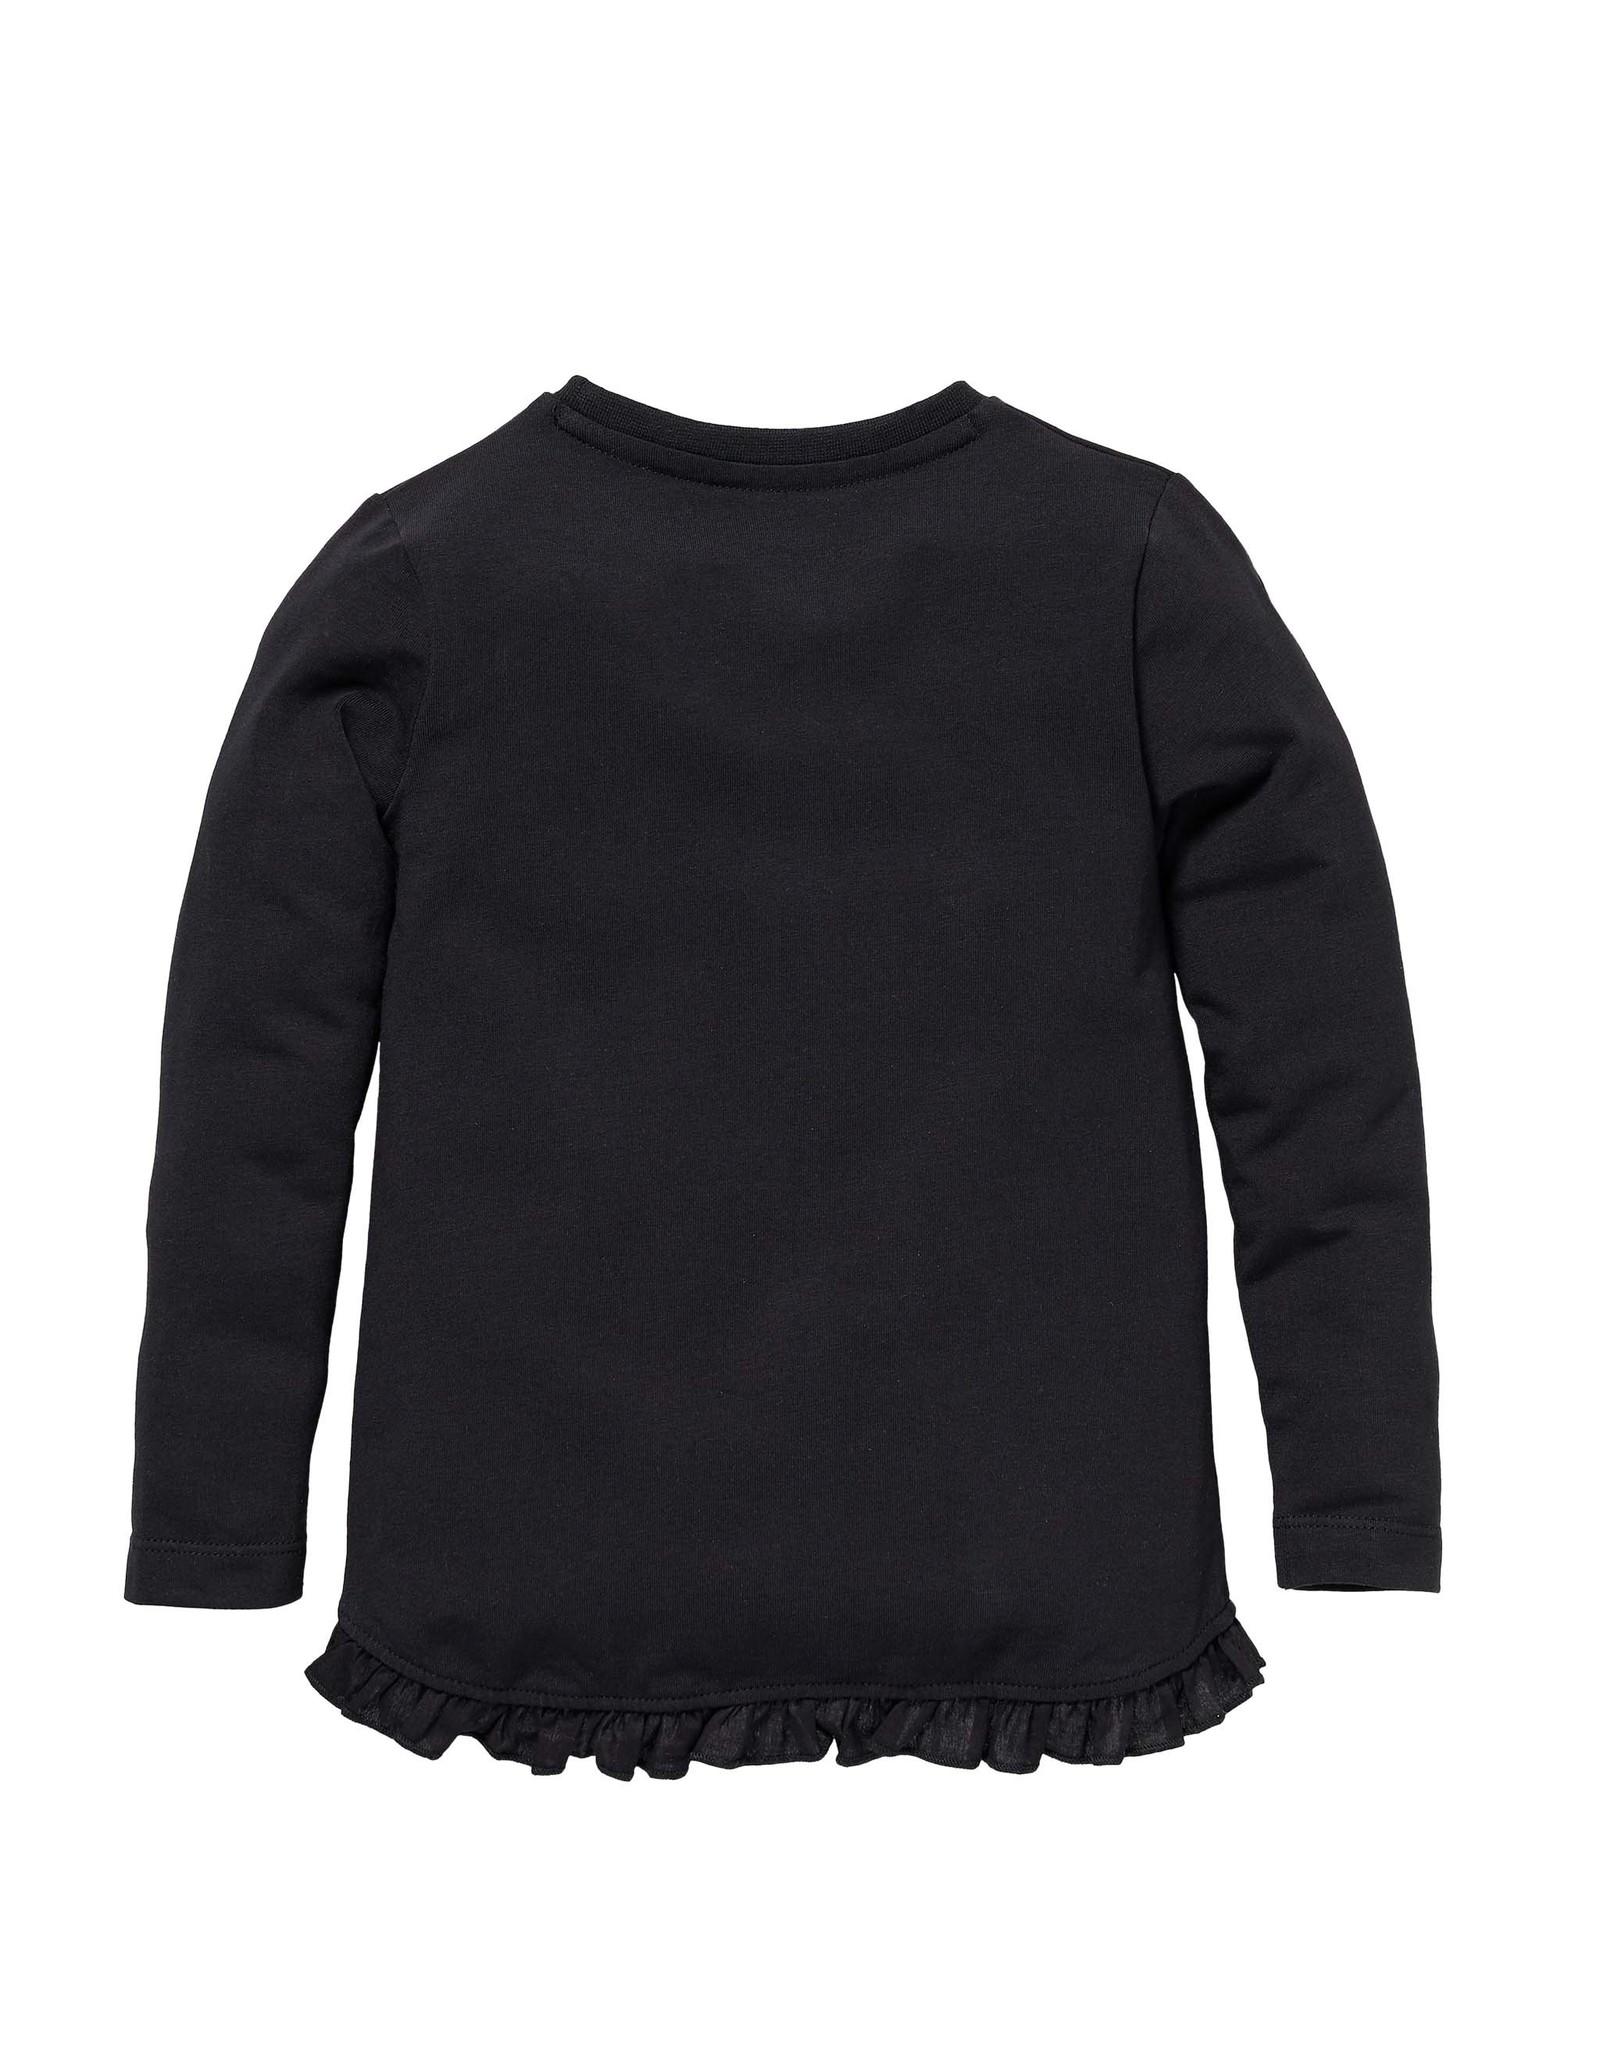 LEVV Levv meisjes shirt Scarlet Black